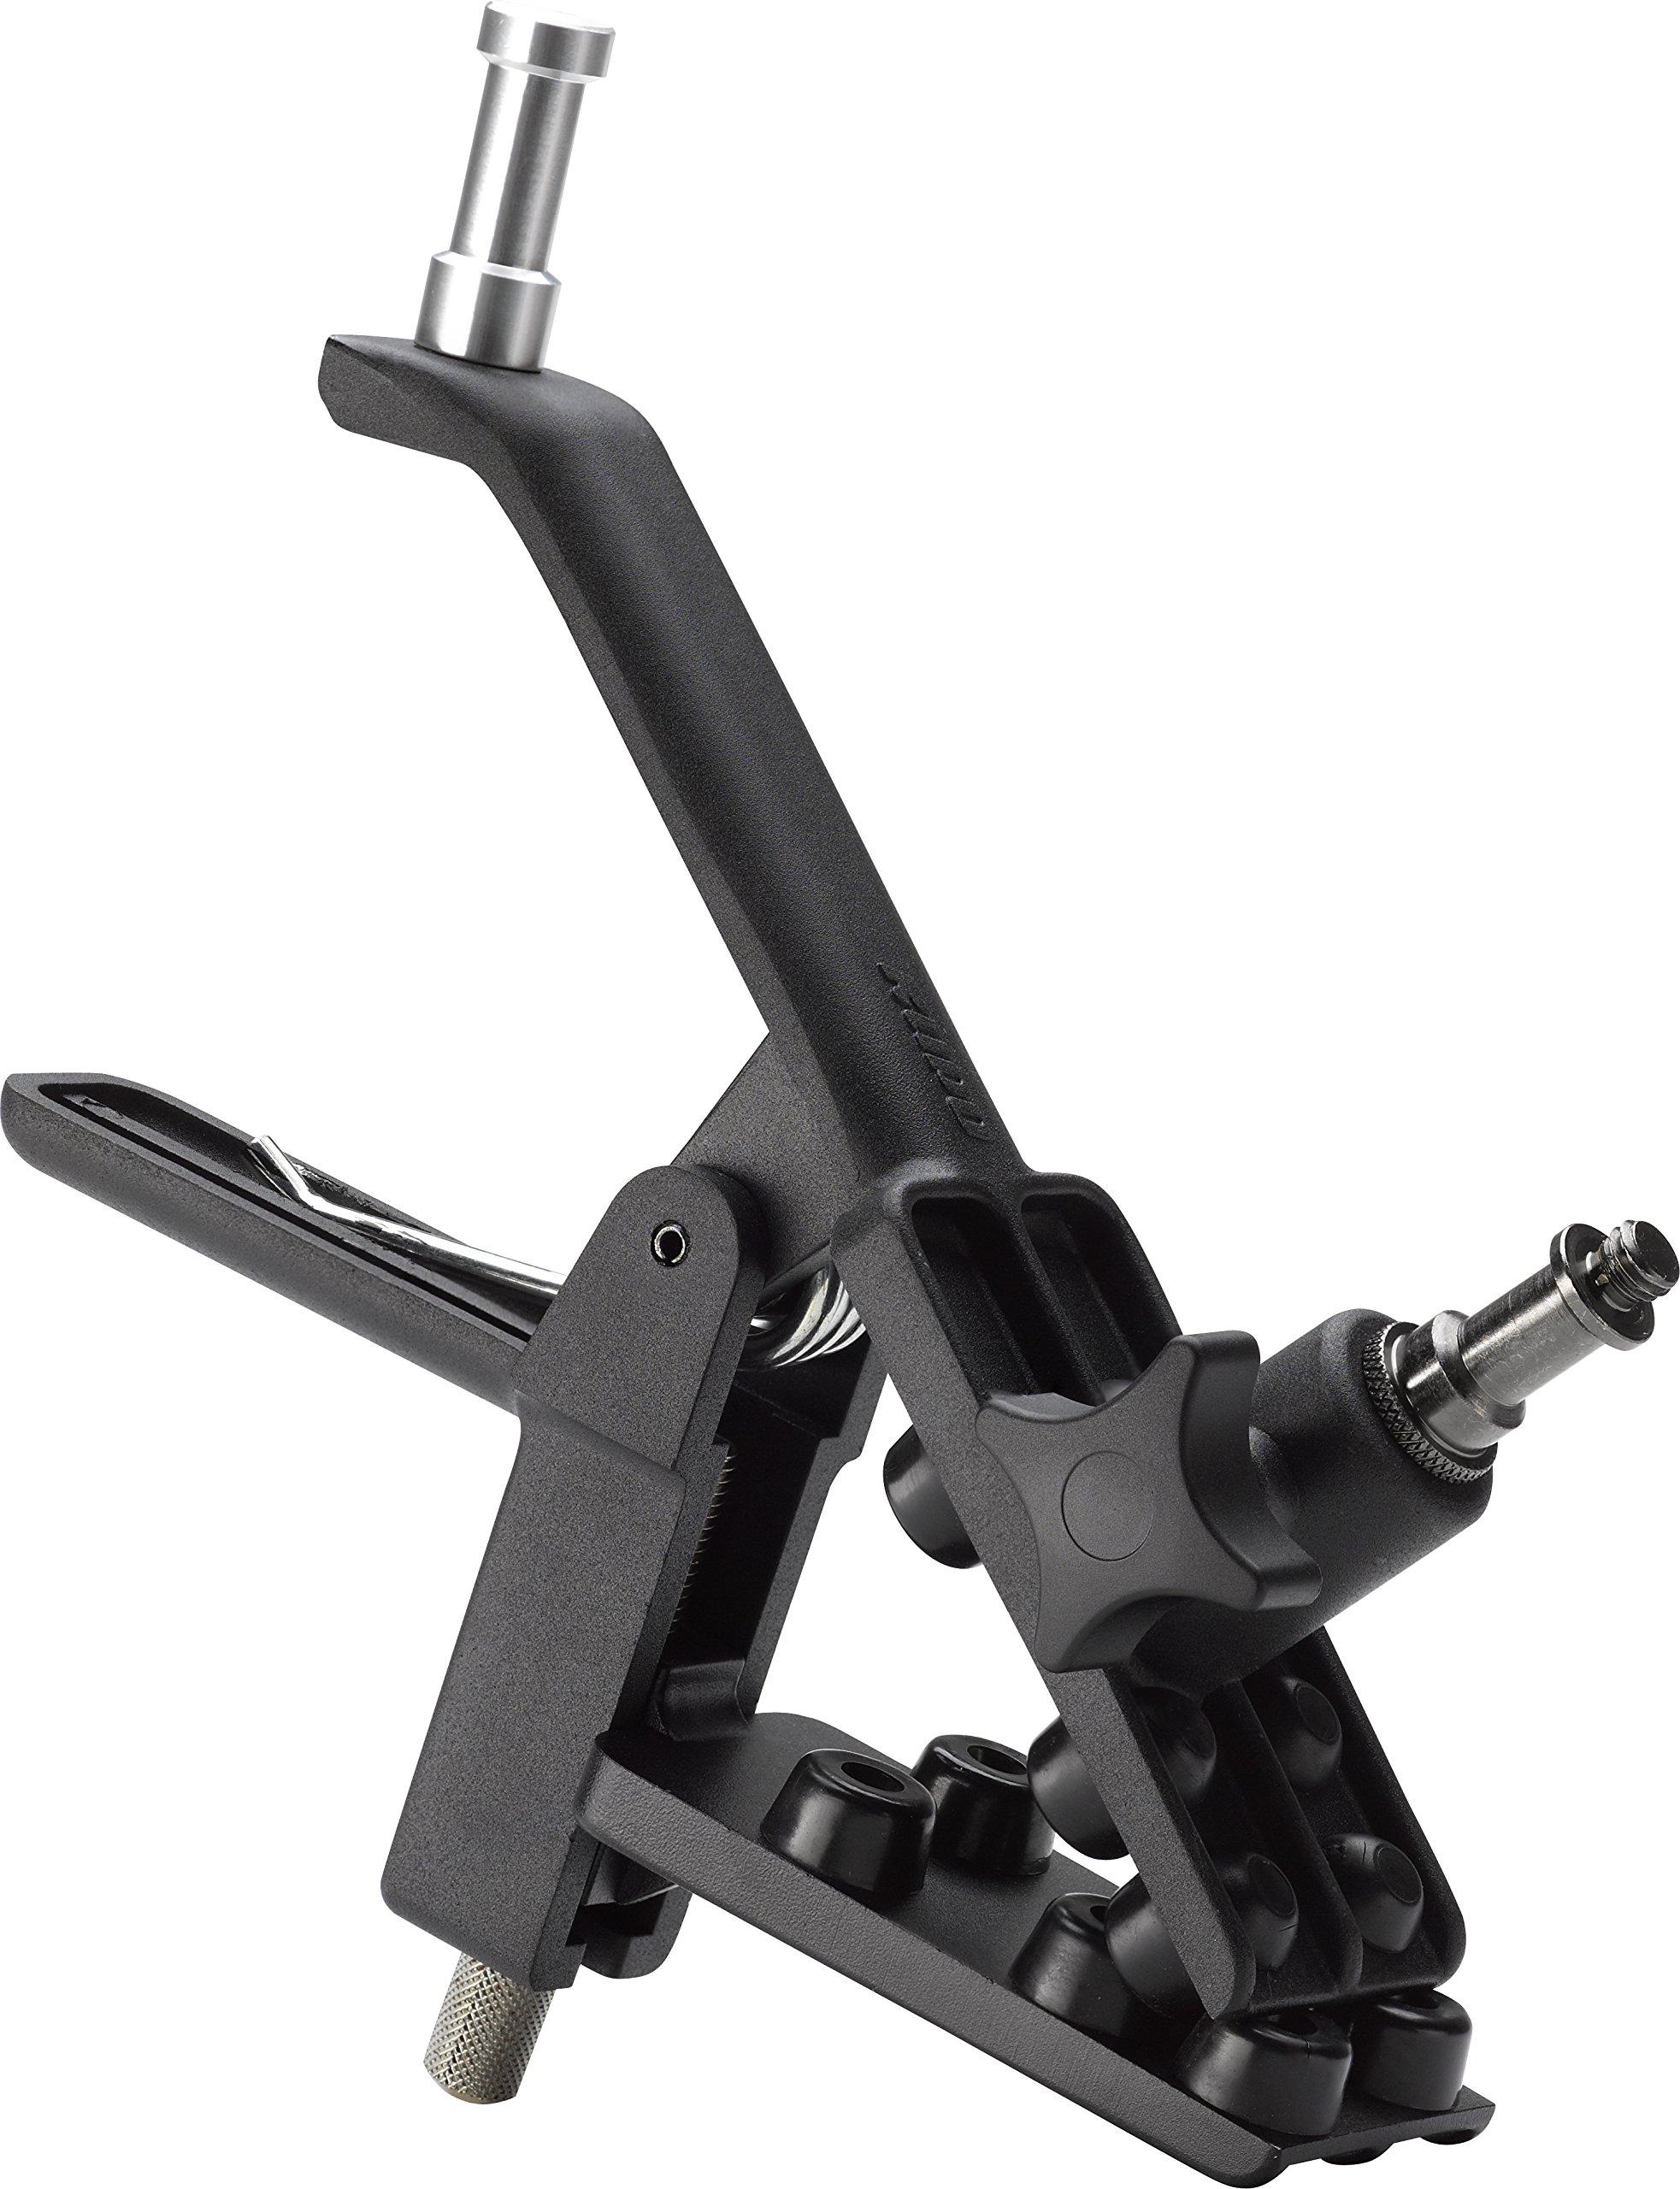 Kupo Adjustable Gaffer Grip, KG500611